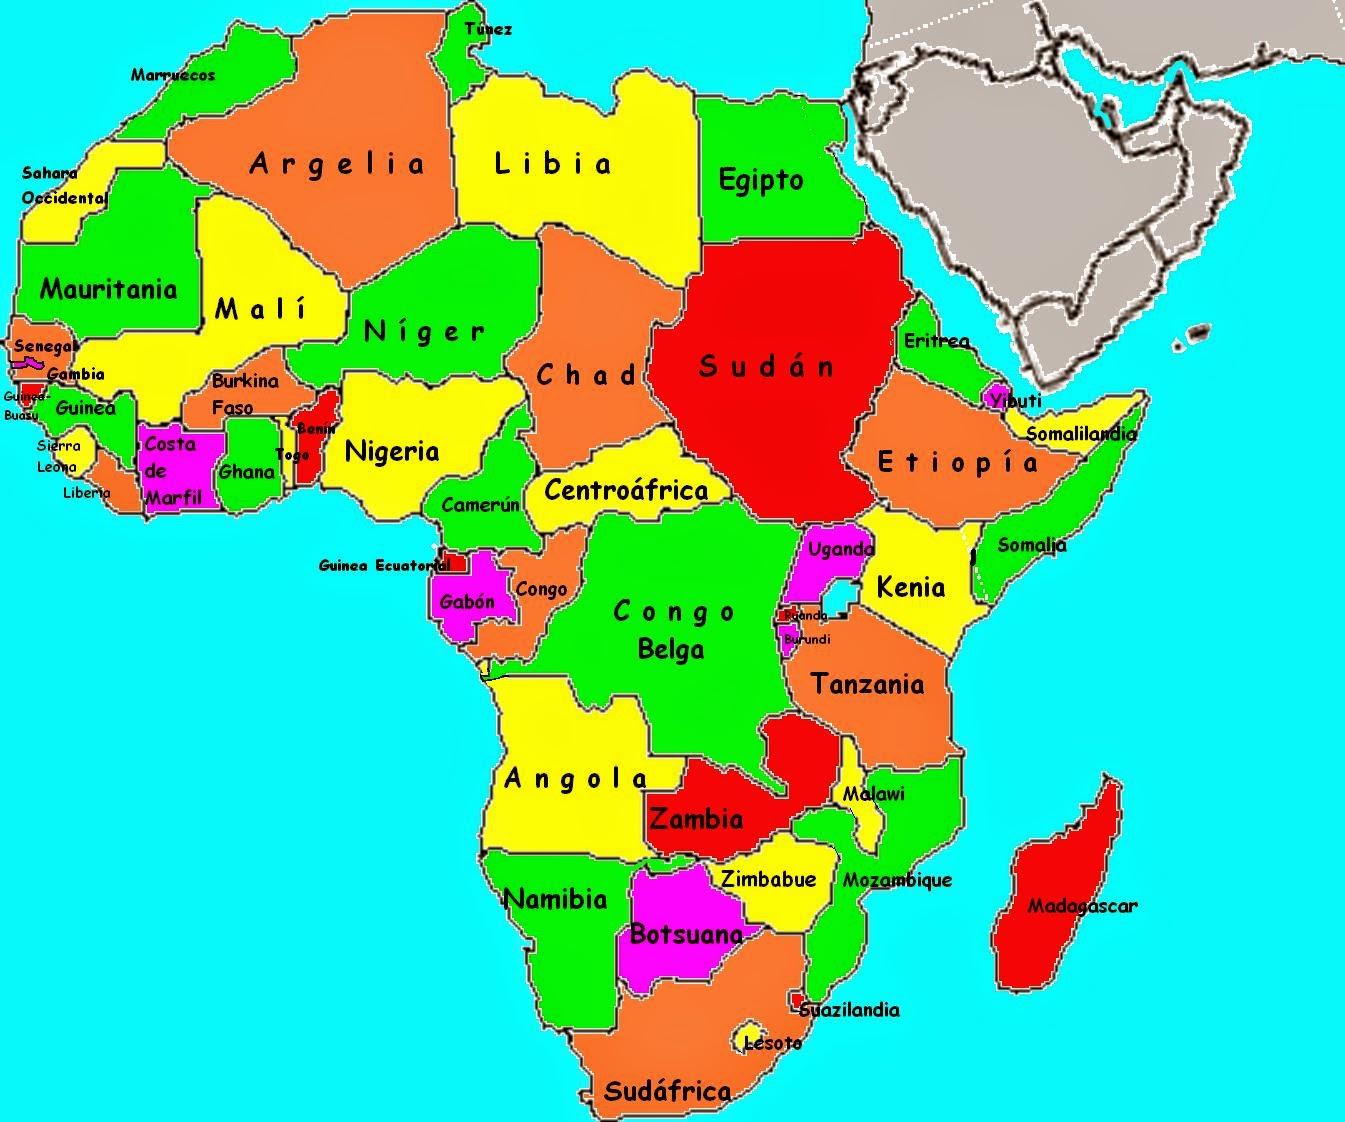 El rincn africano de Josean Conoces el mapa de frica